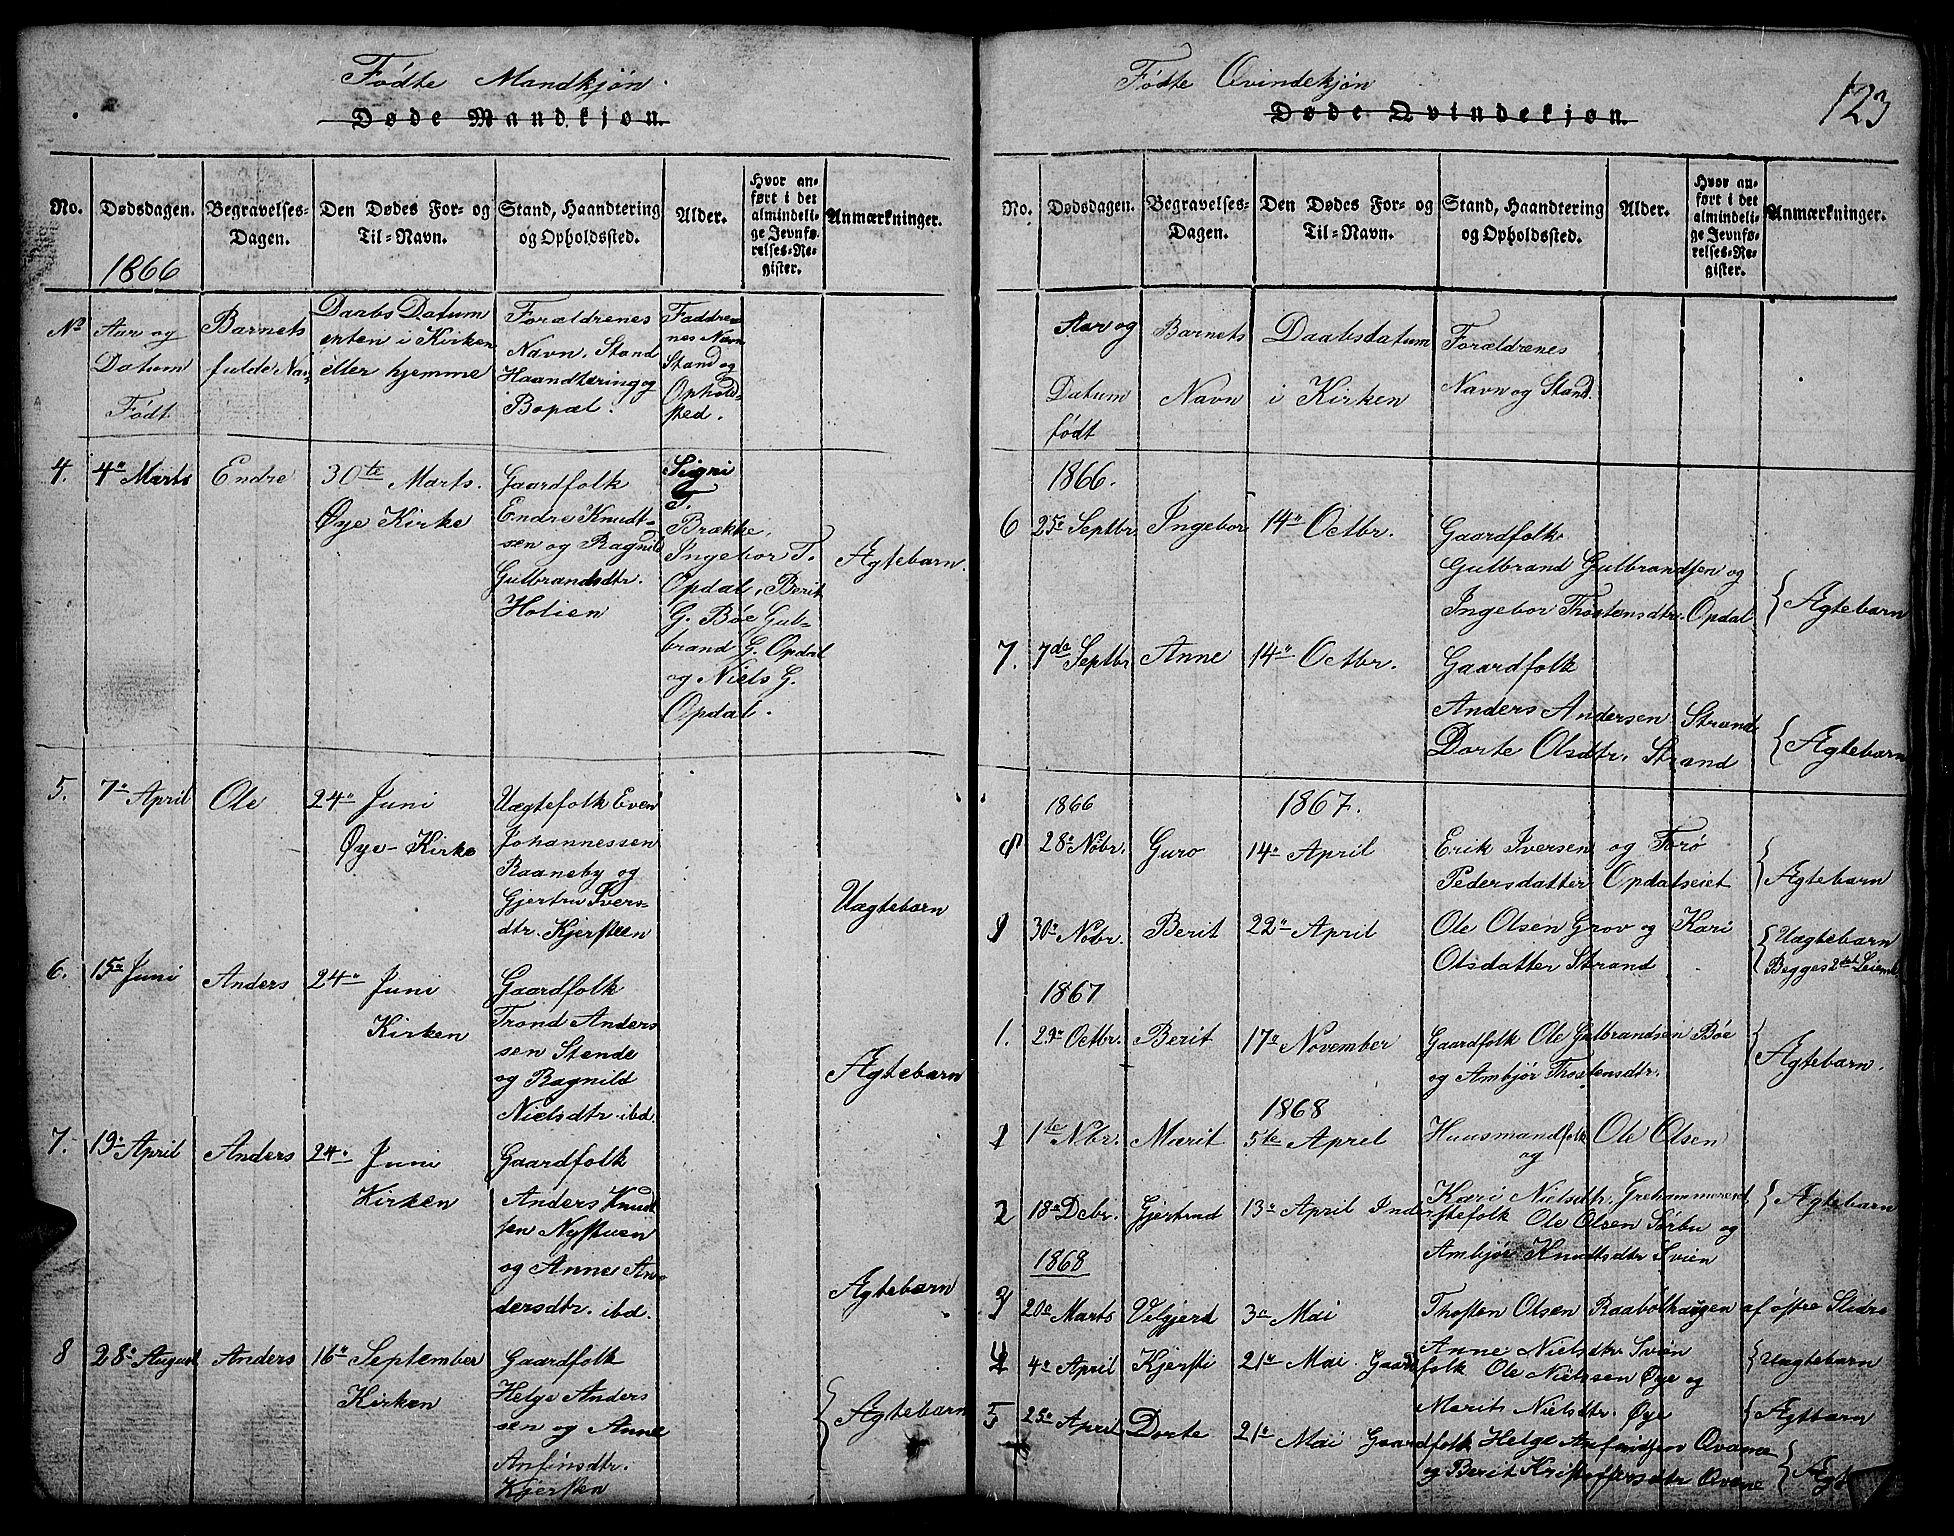 SAH, Vang prestekontor, Valdres, Klokkerbok nr. 2, 1814-1889, s. 123